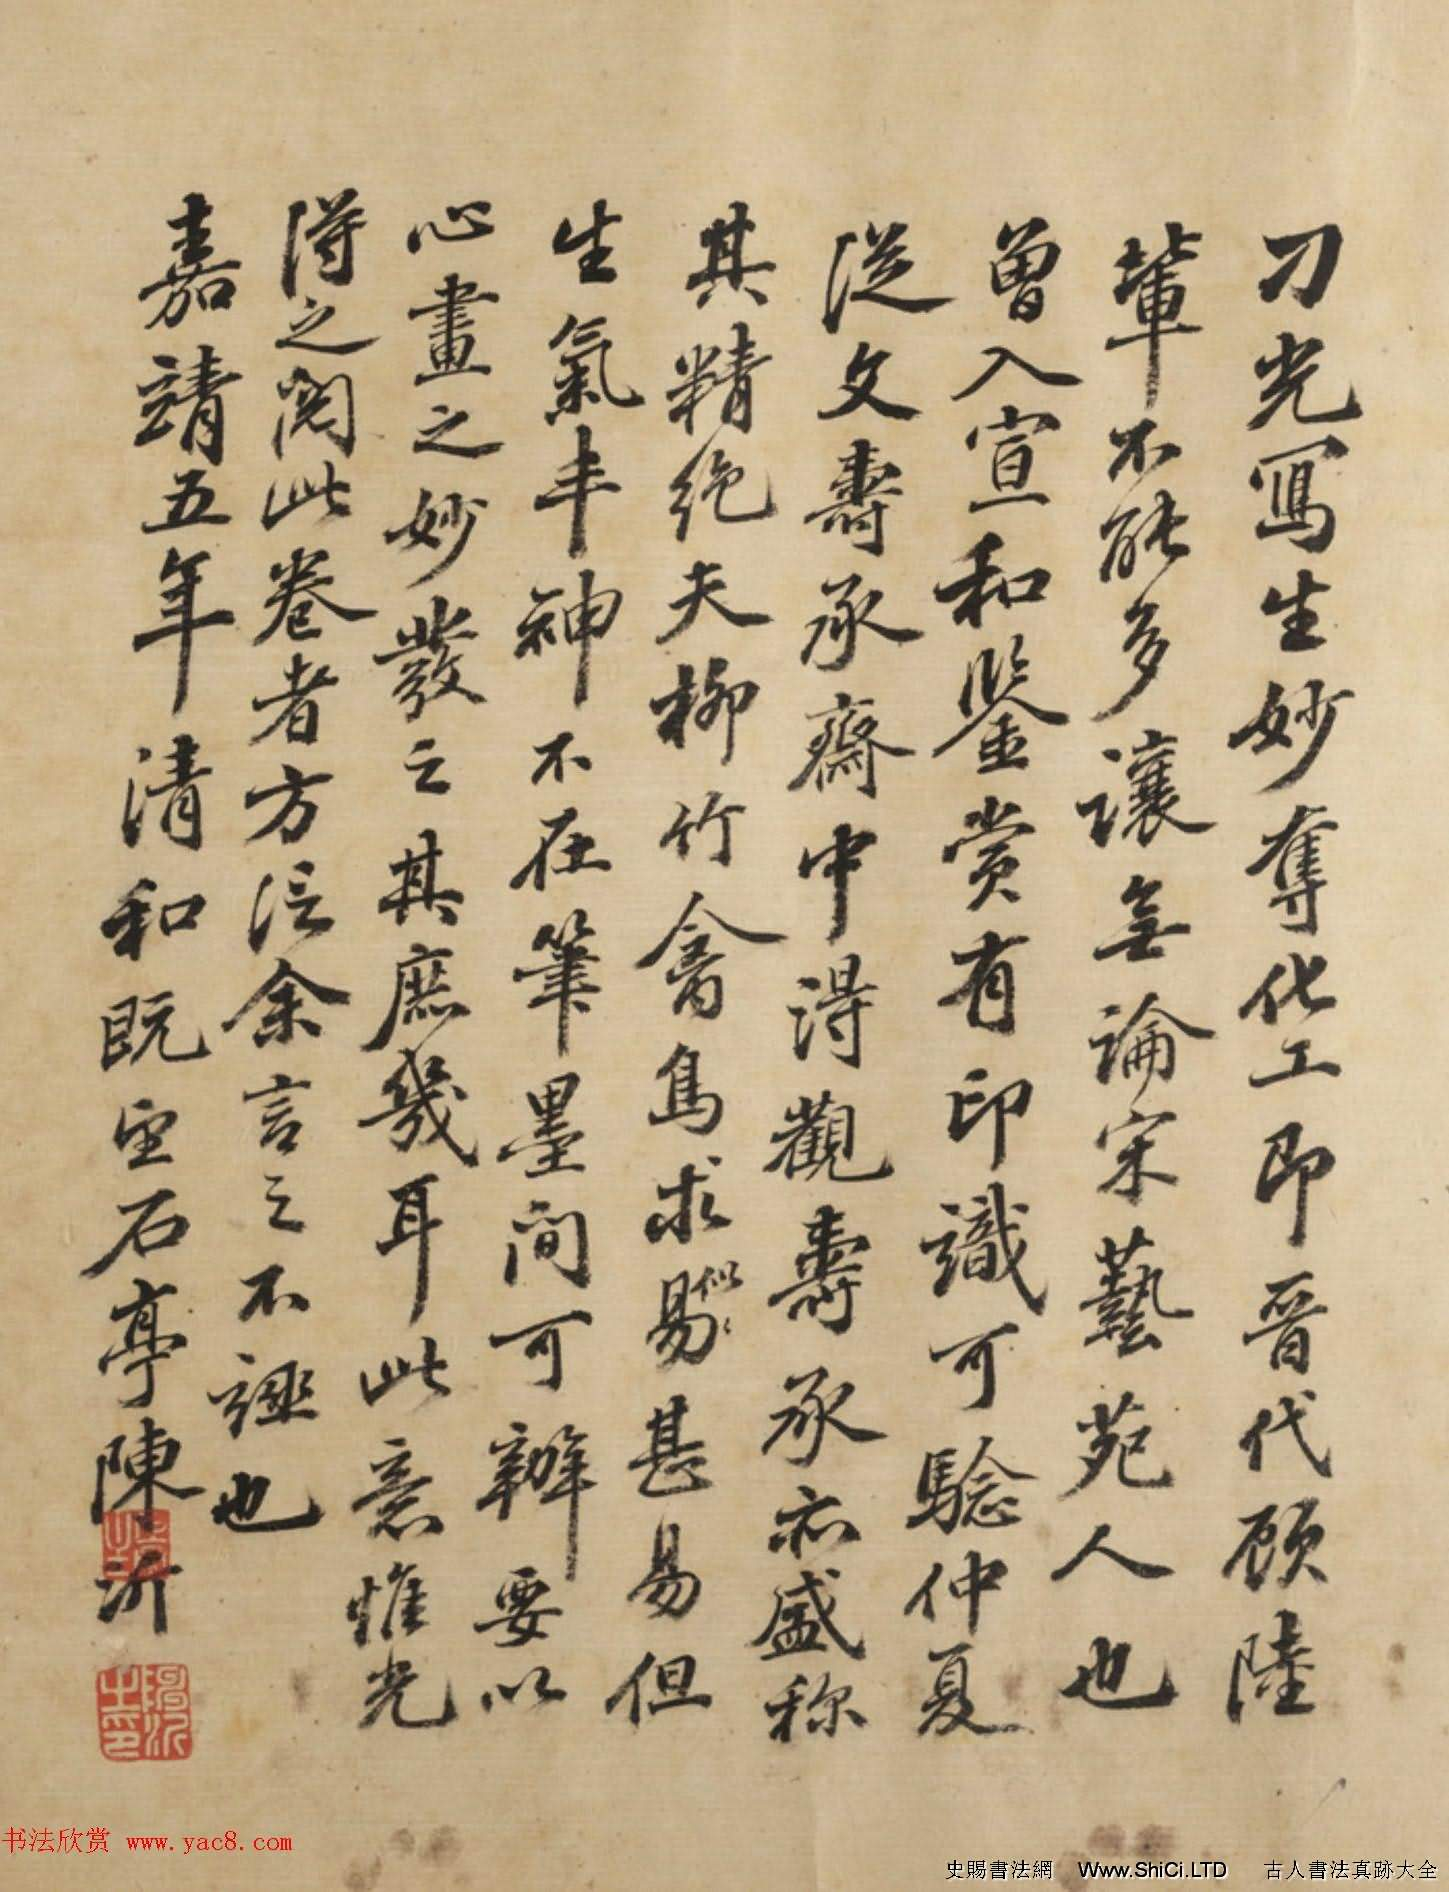 陳沂行楷書法欣賞《太府園宴遊記》